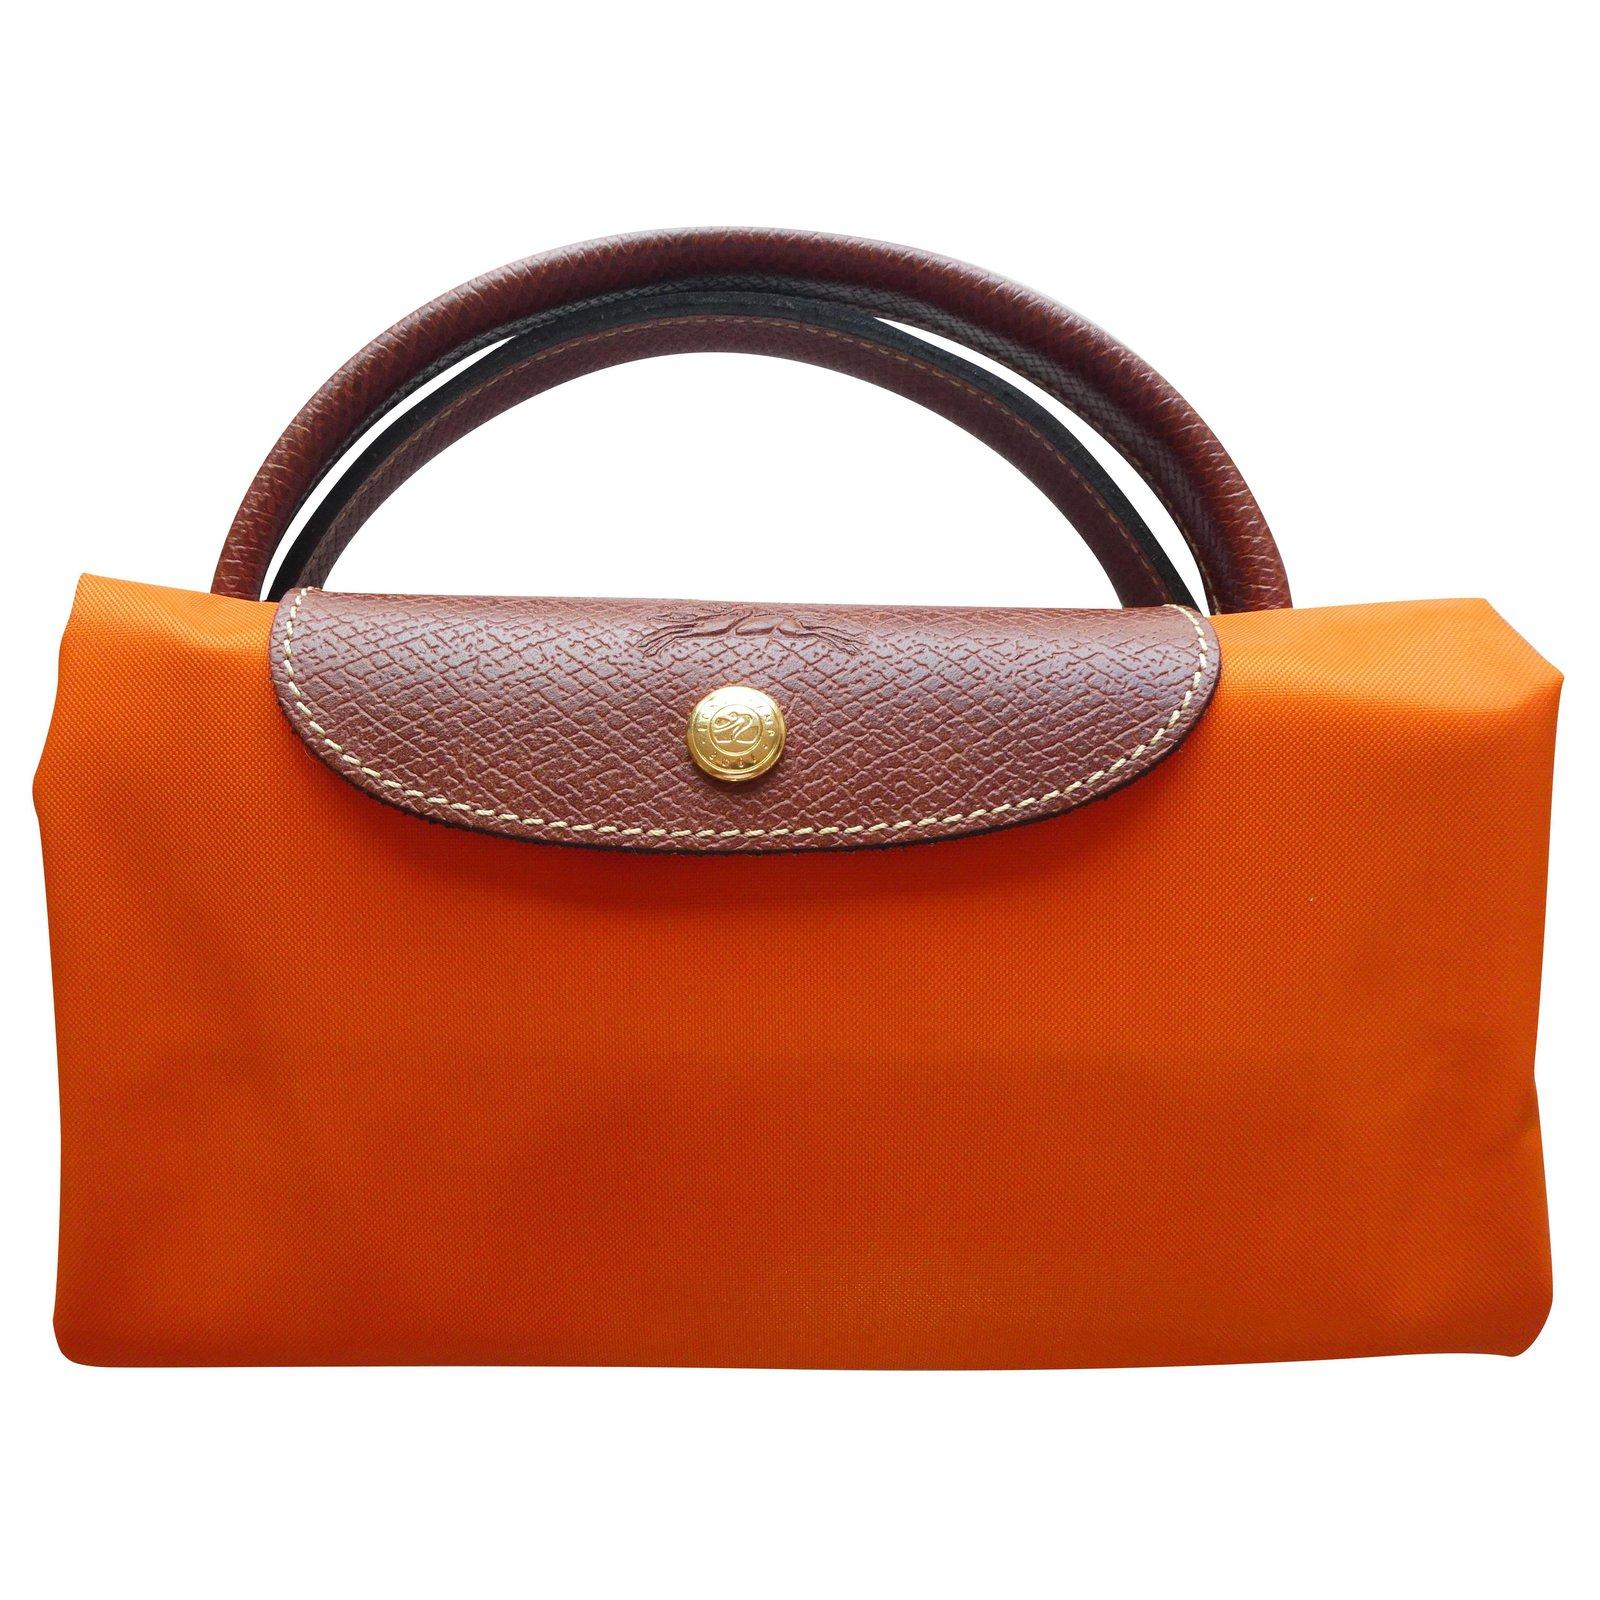 sac longchamp pliage taille L couleur orange